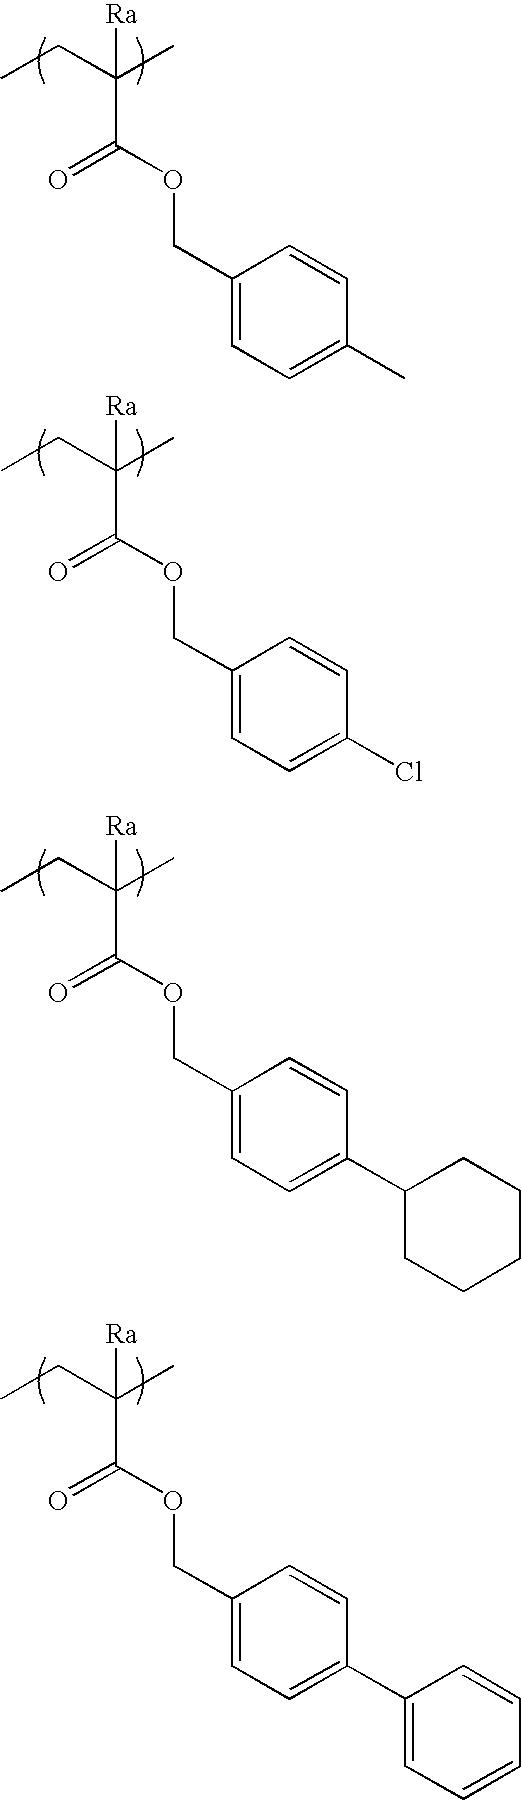 Figure US20100183975A1-20100722-C00145